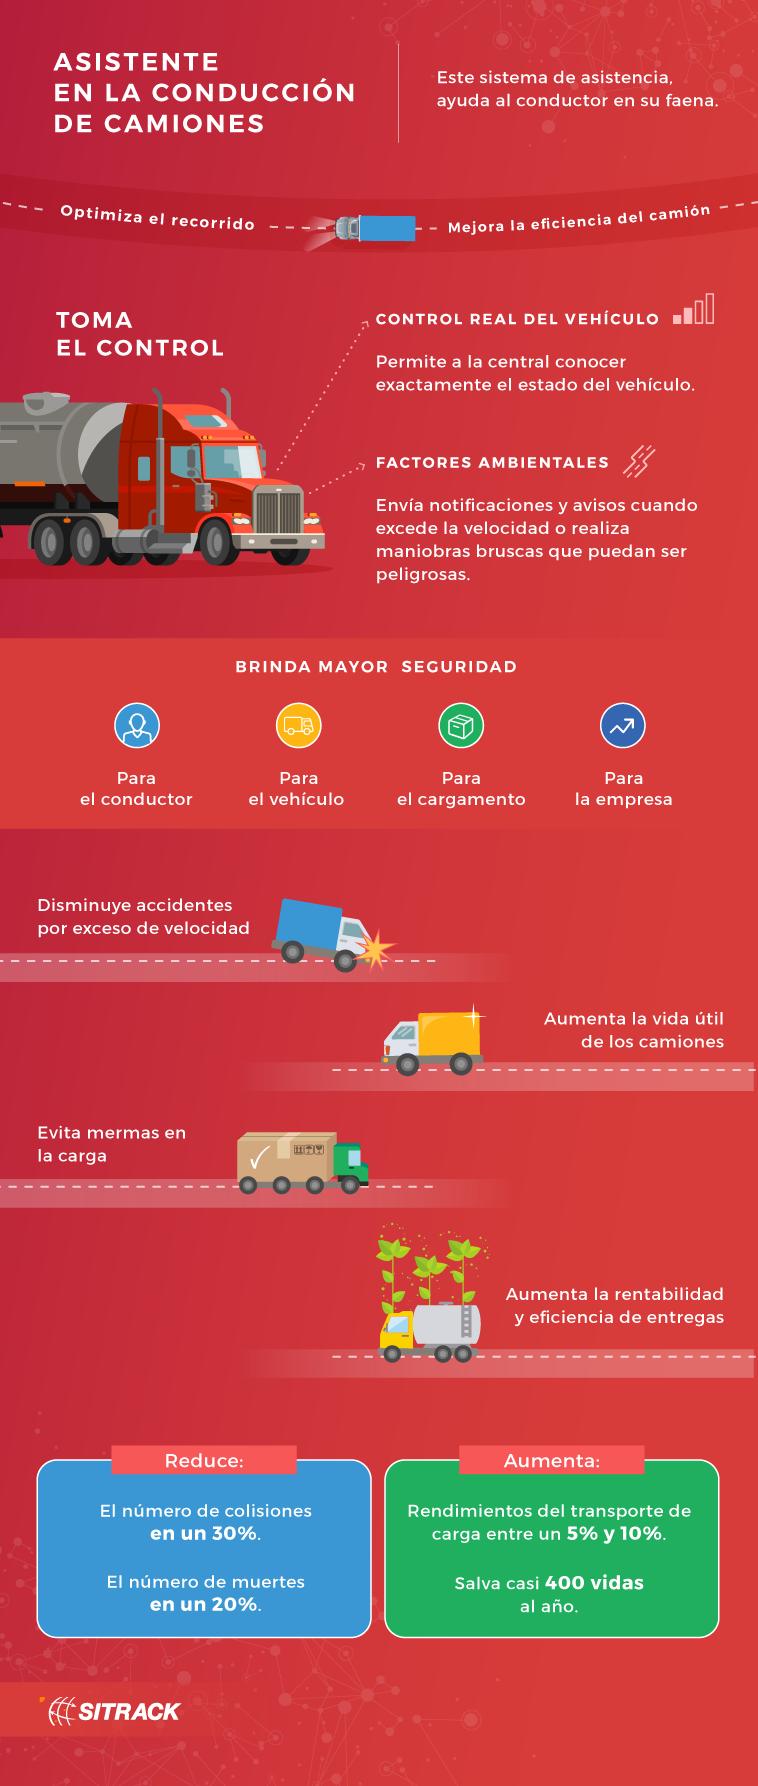 2 Infografía-Asistente en la conducción-1